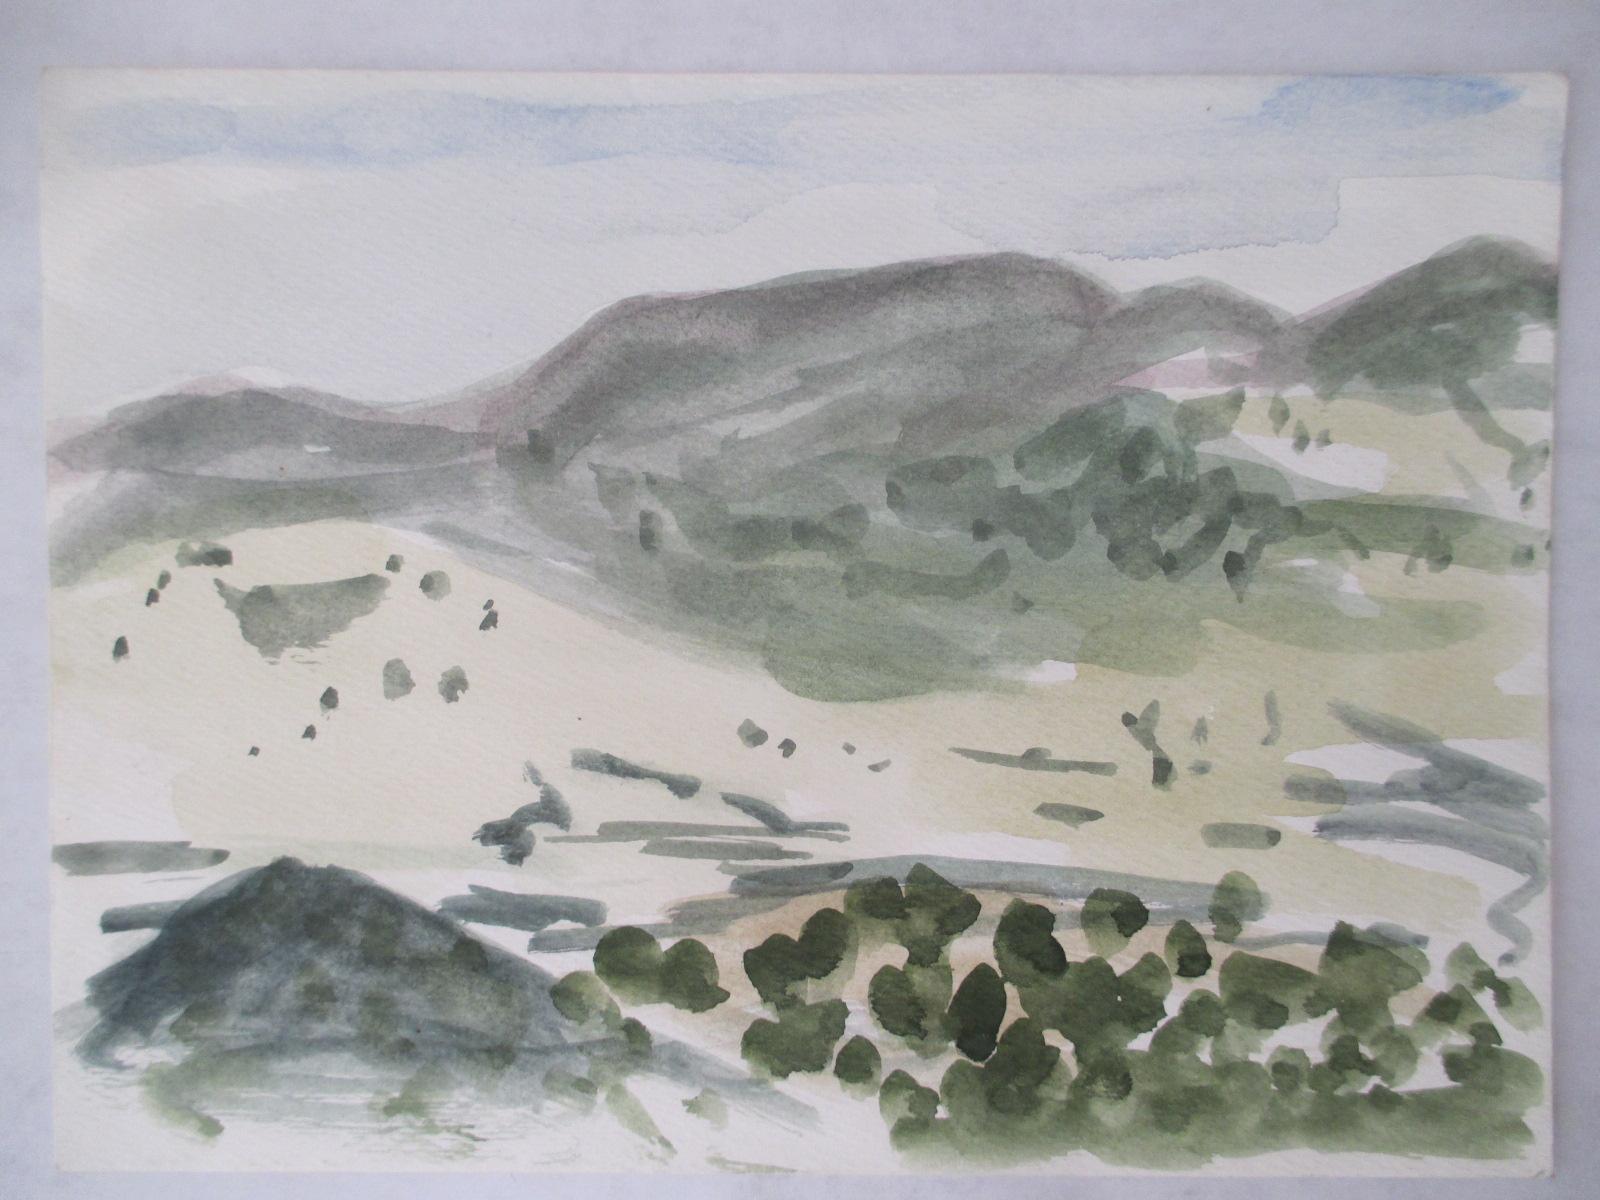 morocco mountain watercolor 2002-2003.jpg